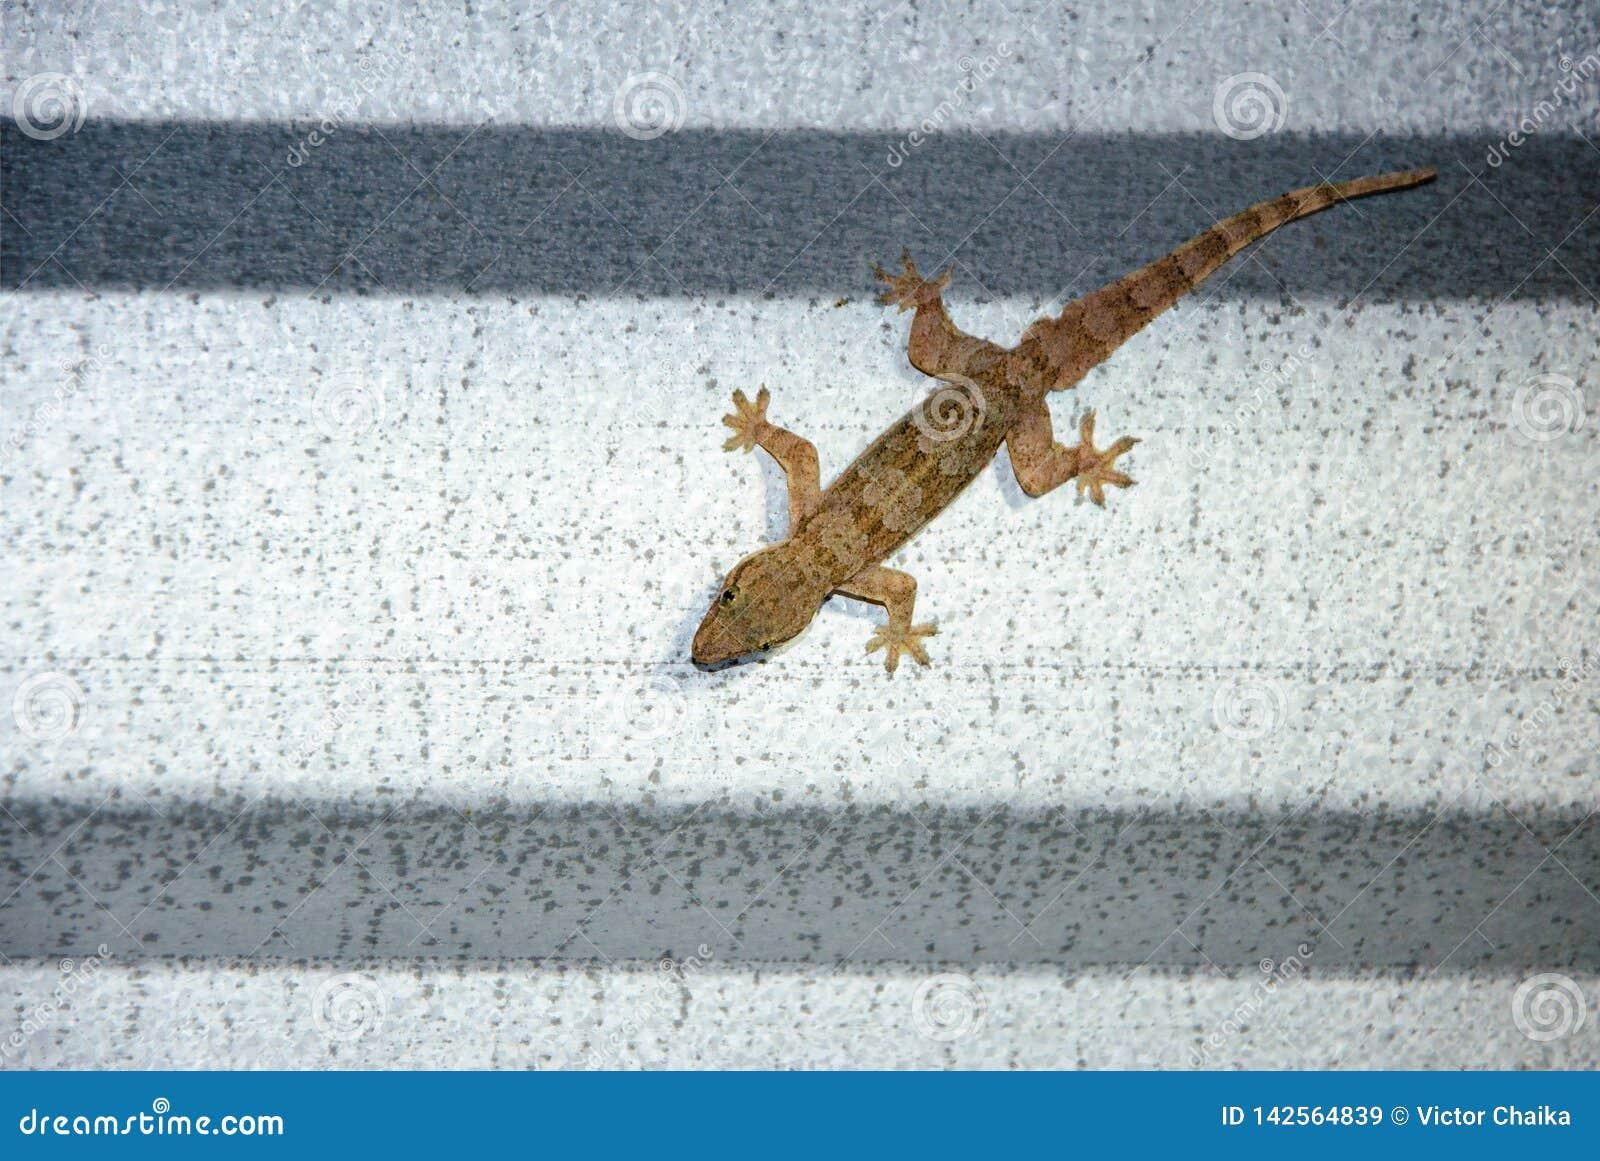 Gecko se reposant sur un toit de bidon